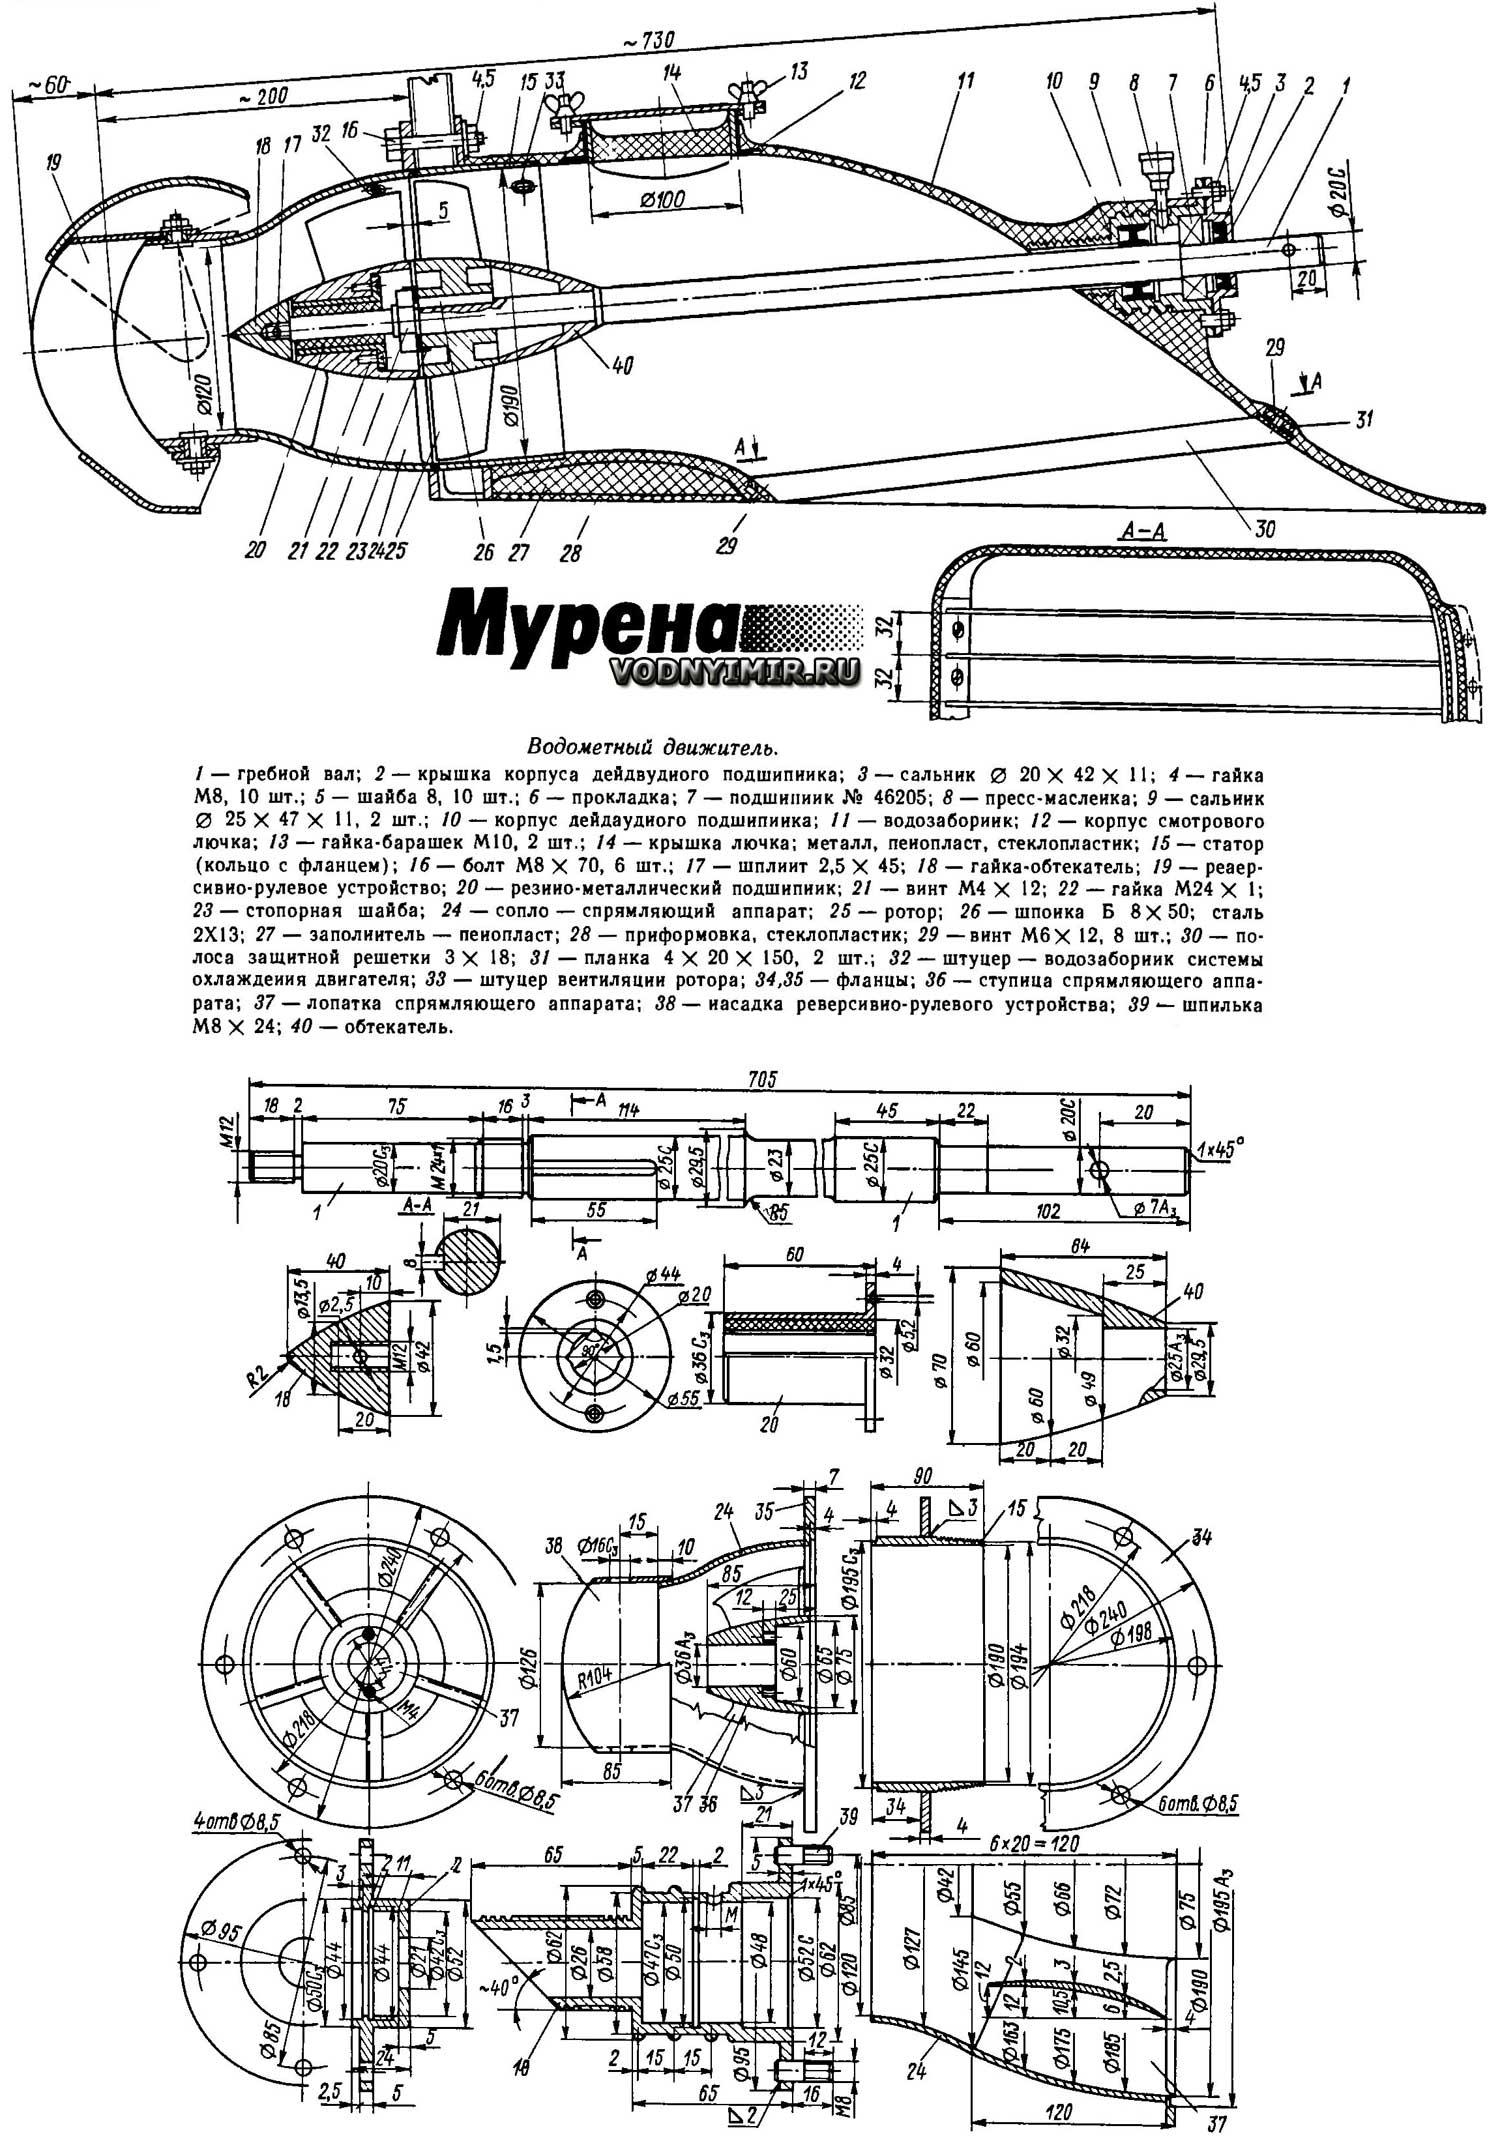 Как сделать лодочный мотор своими руками: чертежи, варианты сборок и рекомендации